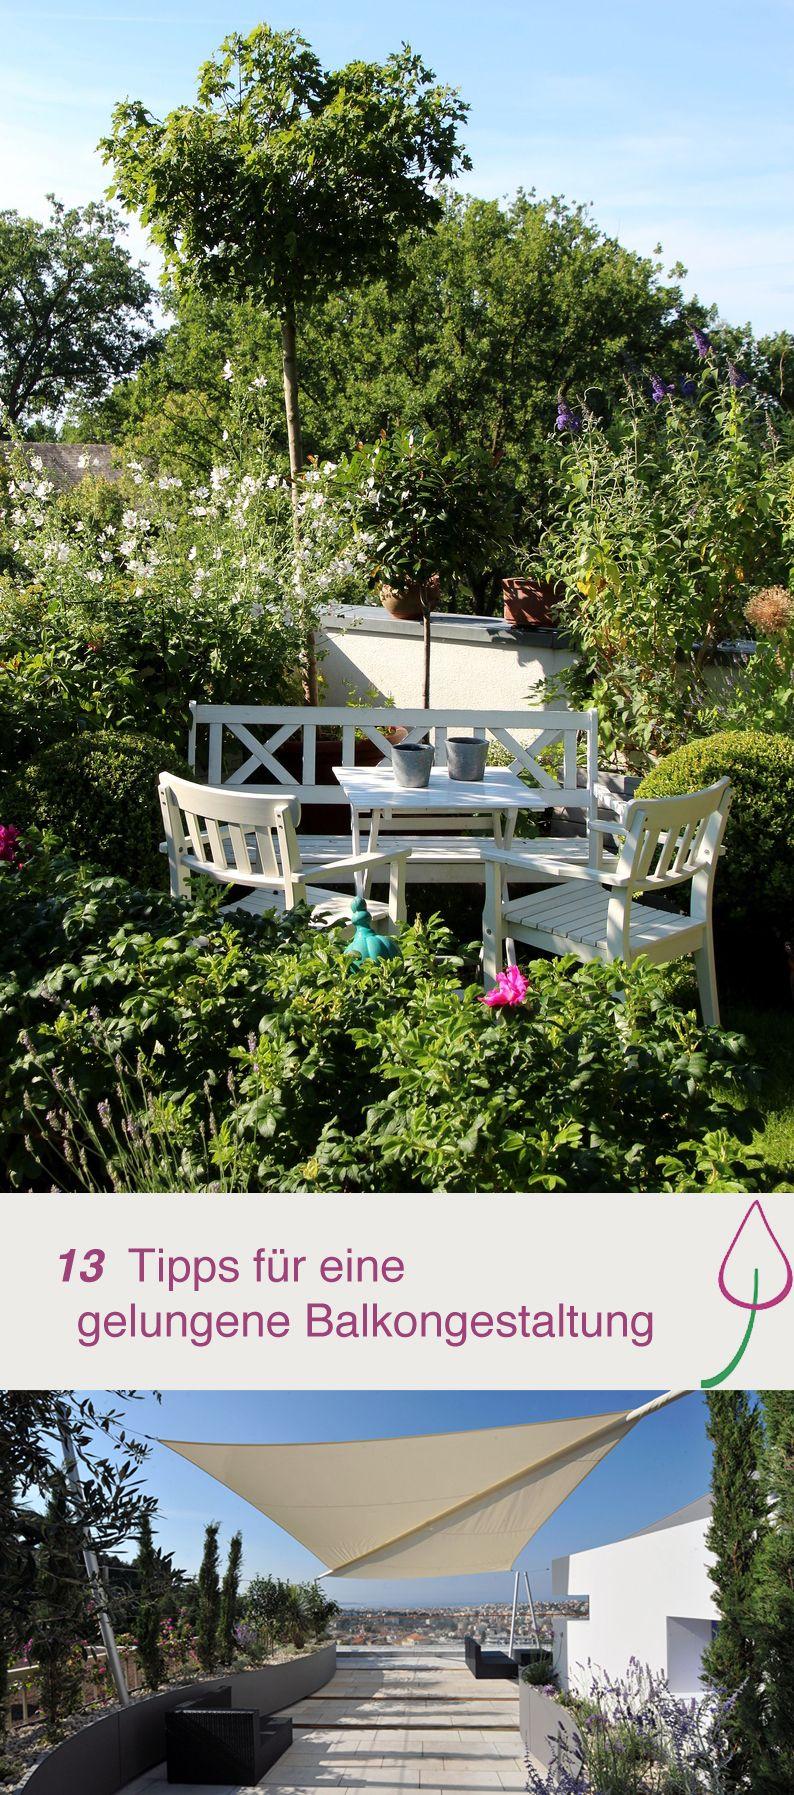 tipps für eine gelungene balkongestaltung | dekoration, Gartengerate ideen